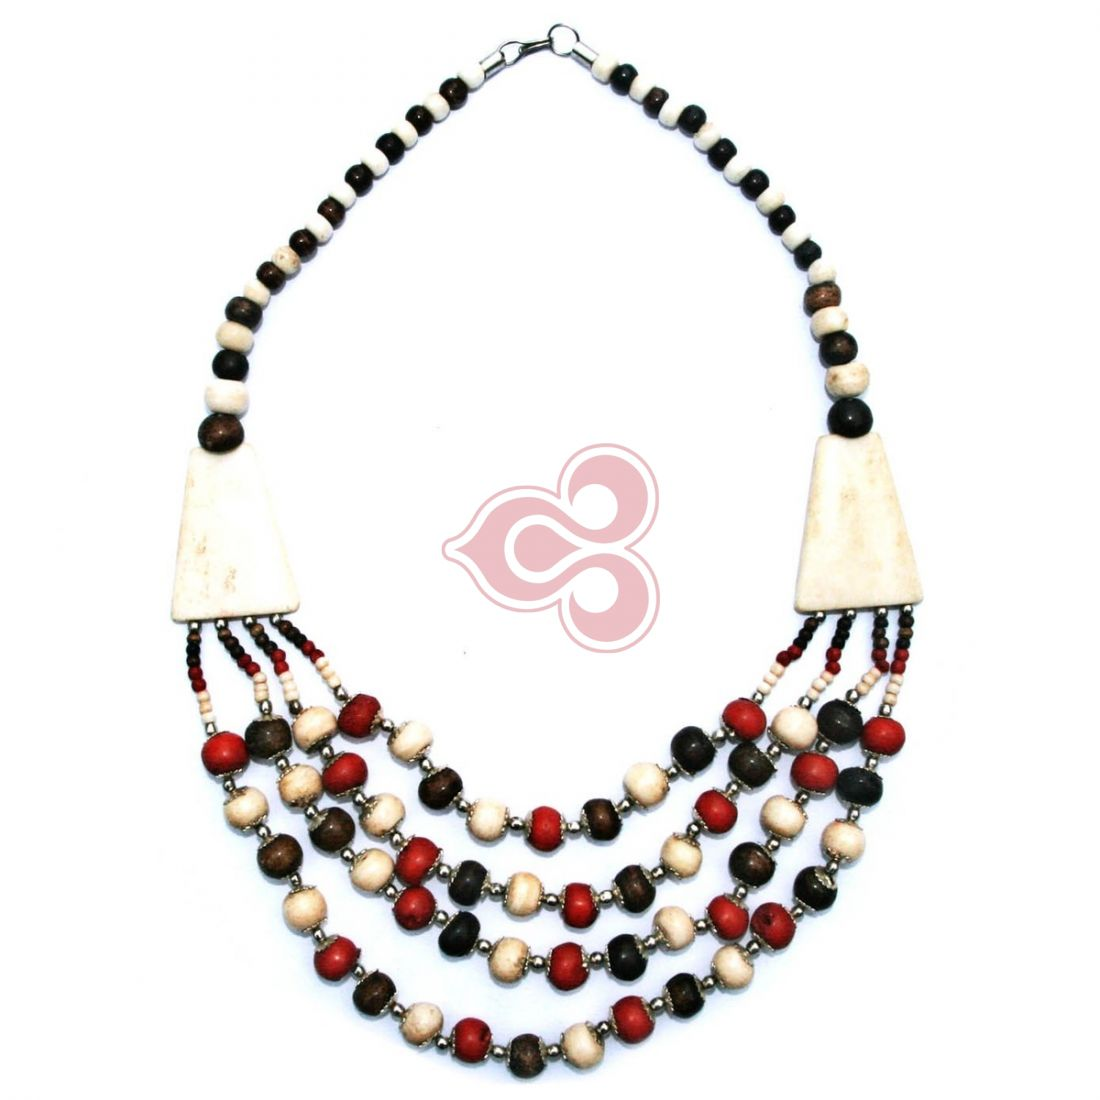 6c902b76f wanatit.cz – Orientální zboží s příběhem - Šperky a ozdoby ...